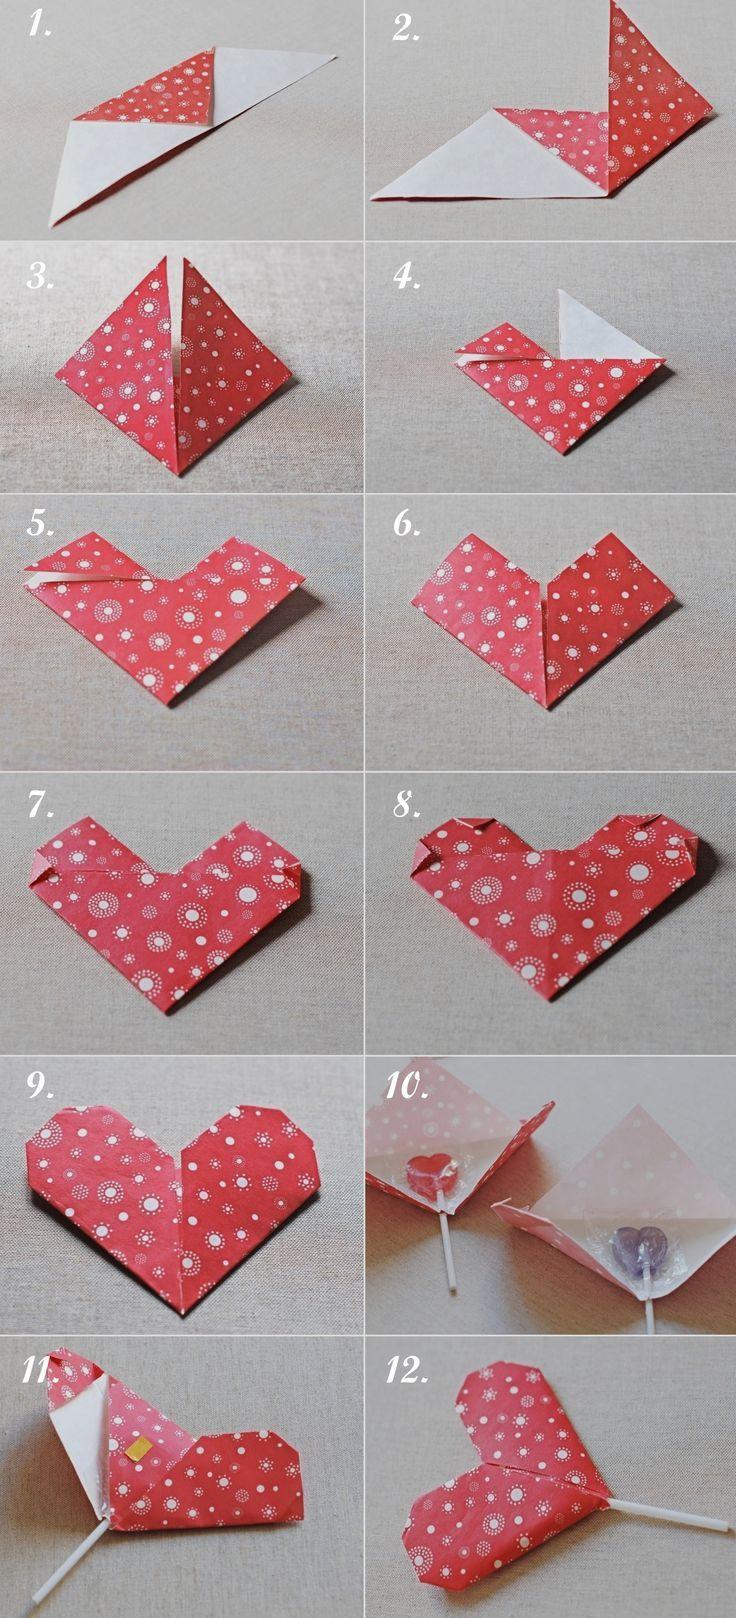 Como Hacer Un Corazon De Origami Para San Valentin Origami Para San Valentin Manualidades Origami Corazon